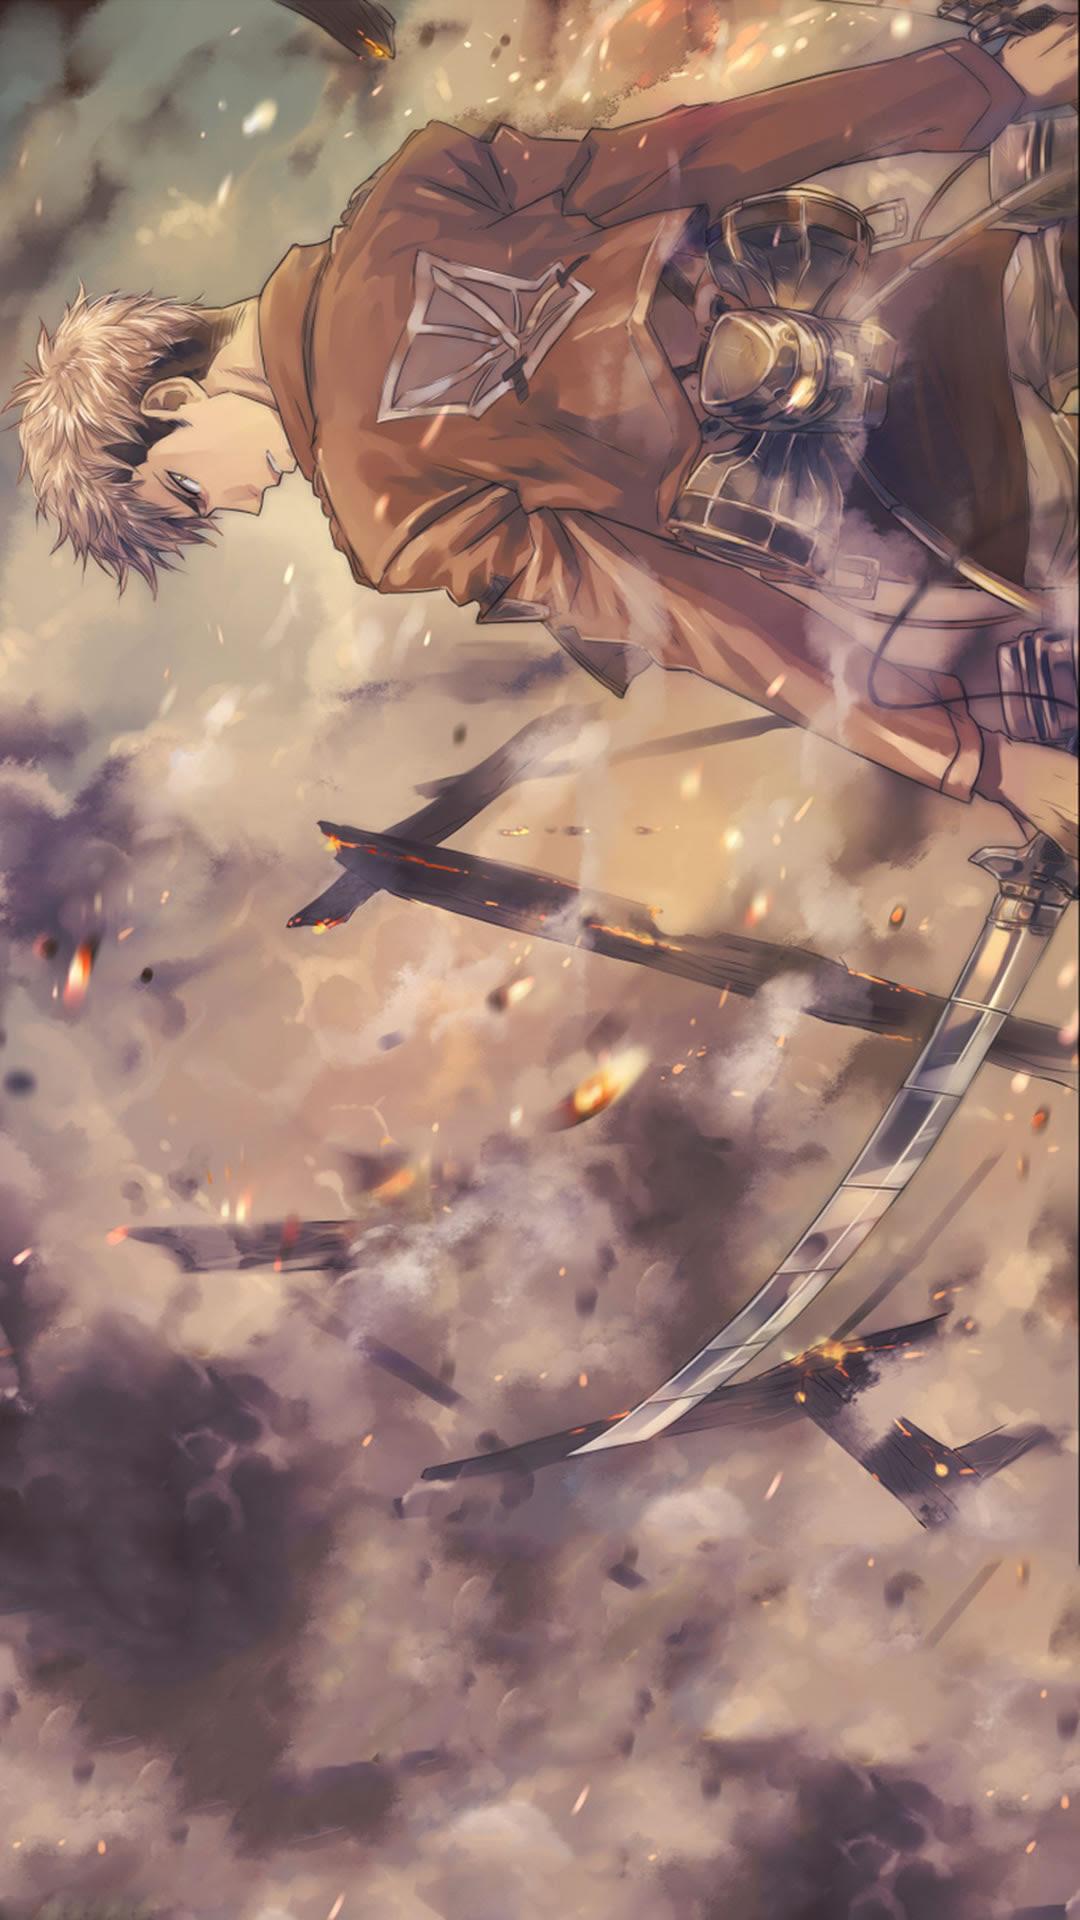 進撃の巨人のジャン キルシュタインの無料壁紙 アニメ マンガ